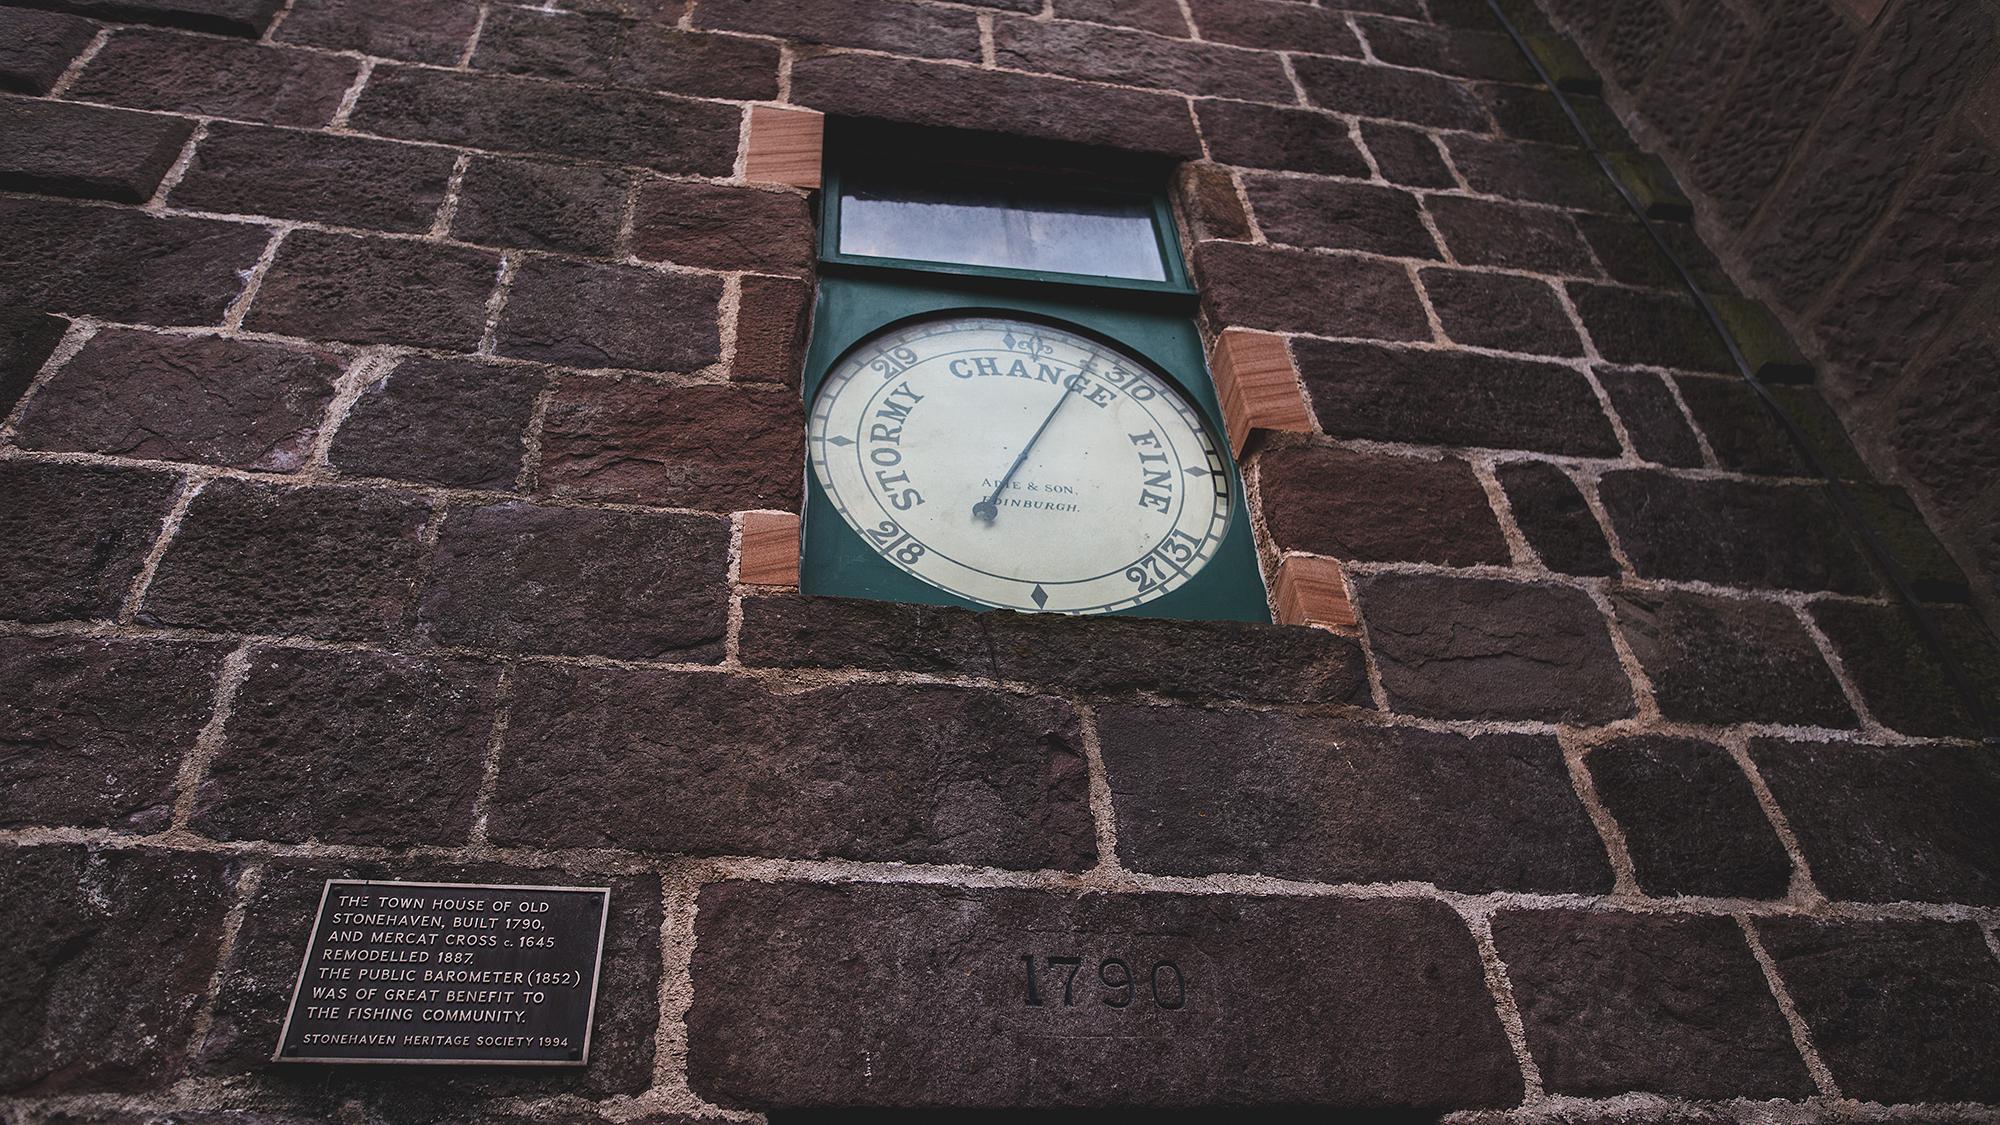 Der Uhrenturm von Stonehaven